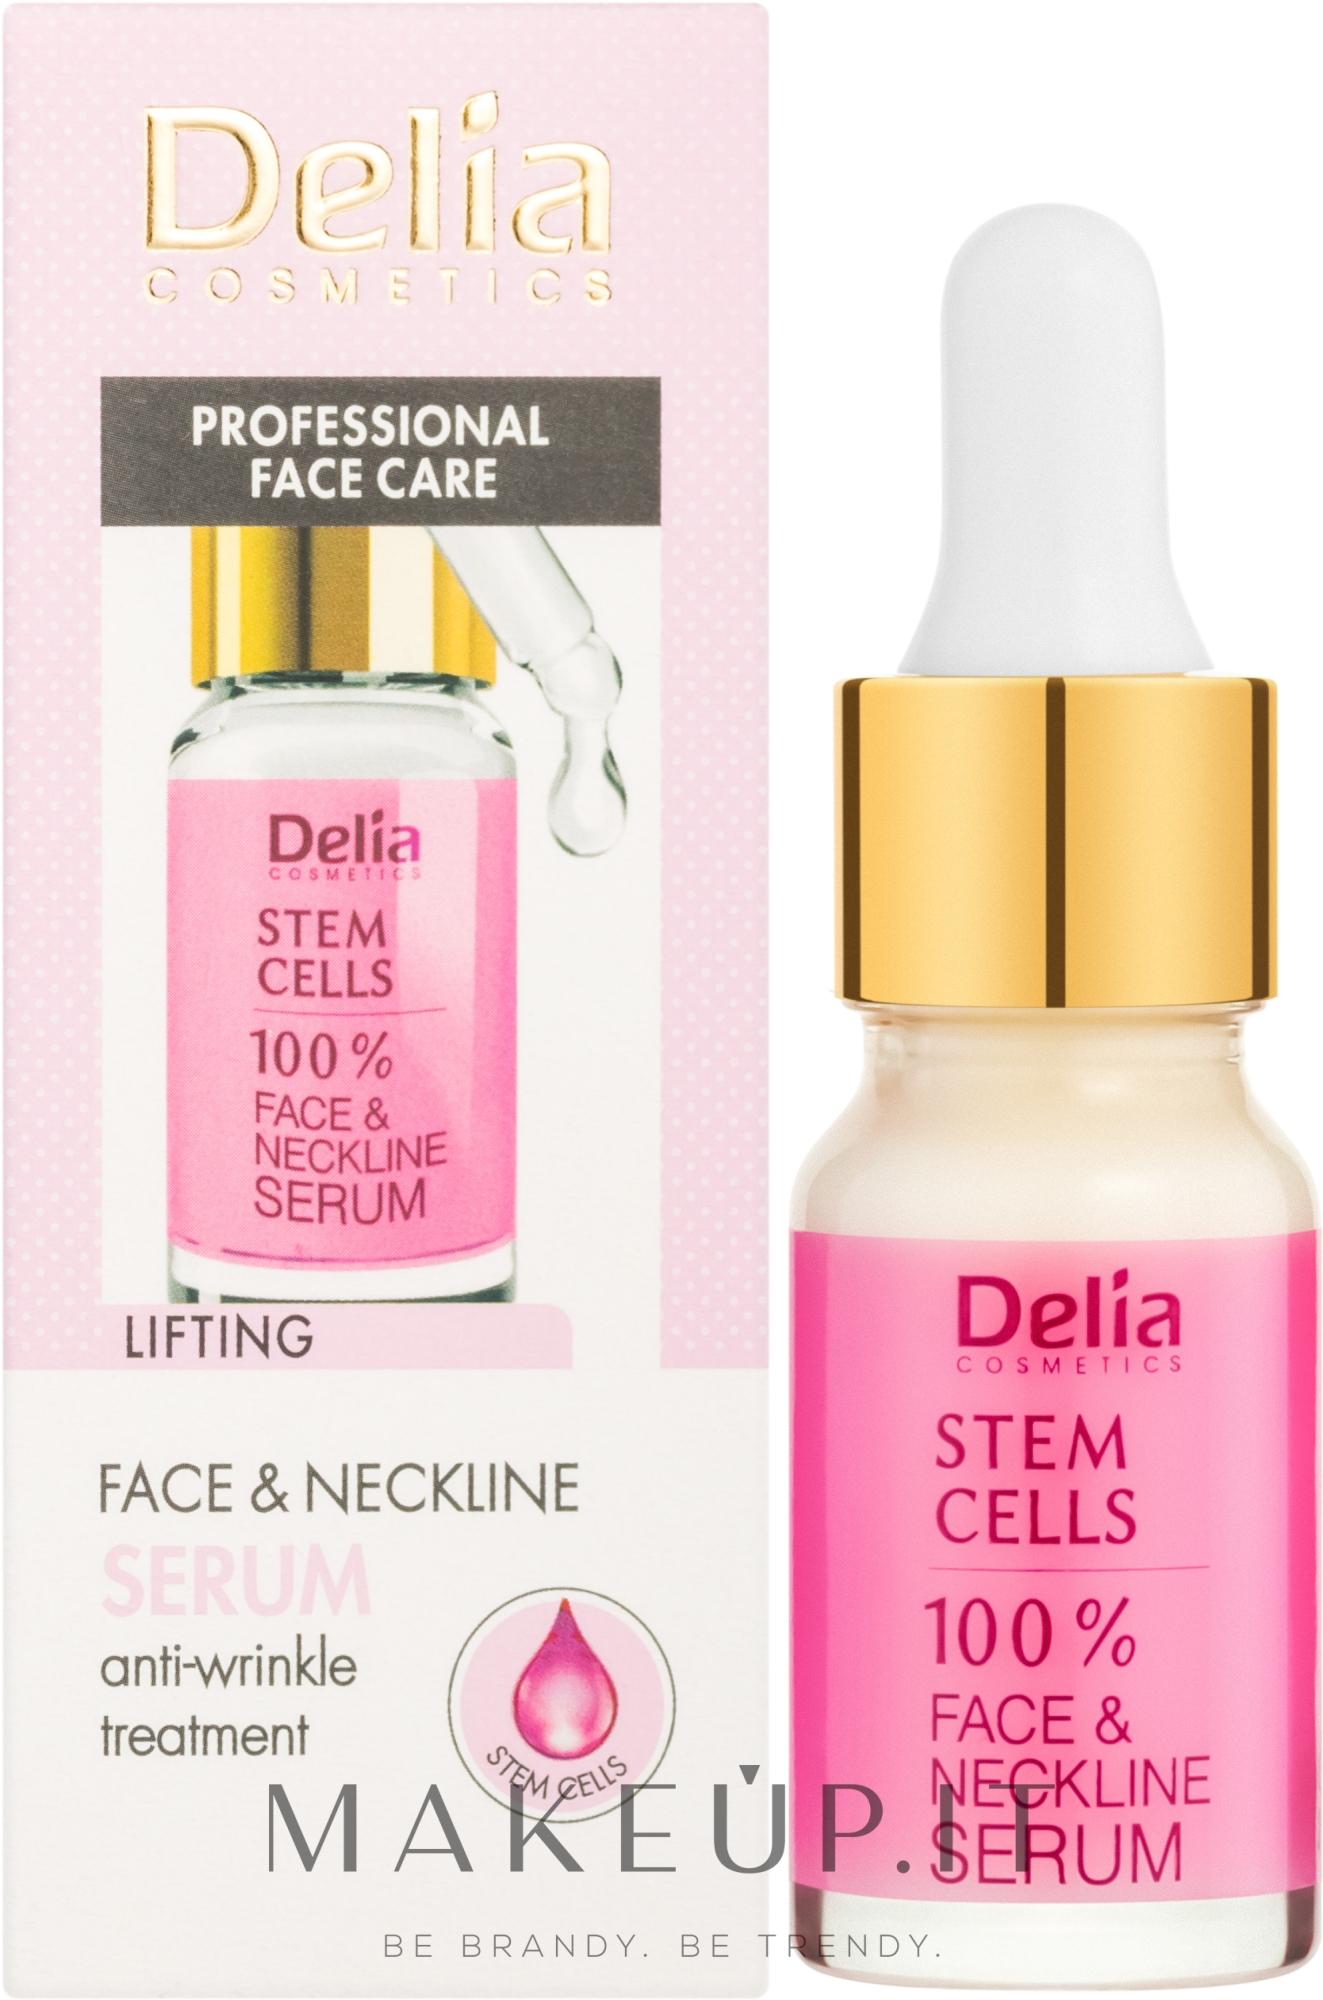 Siero intensivo anti-rughe per viso e collo con cellule staminali - Delia Face Care Stem Sells Face Neckline Intensive Serum — foto 10 ml